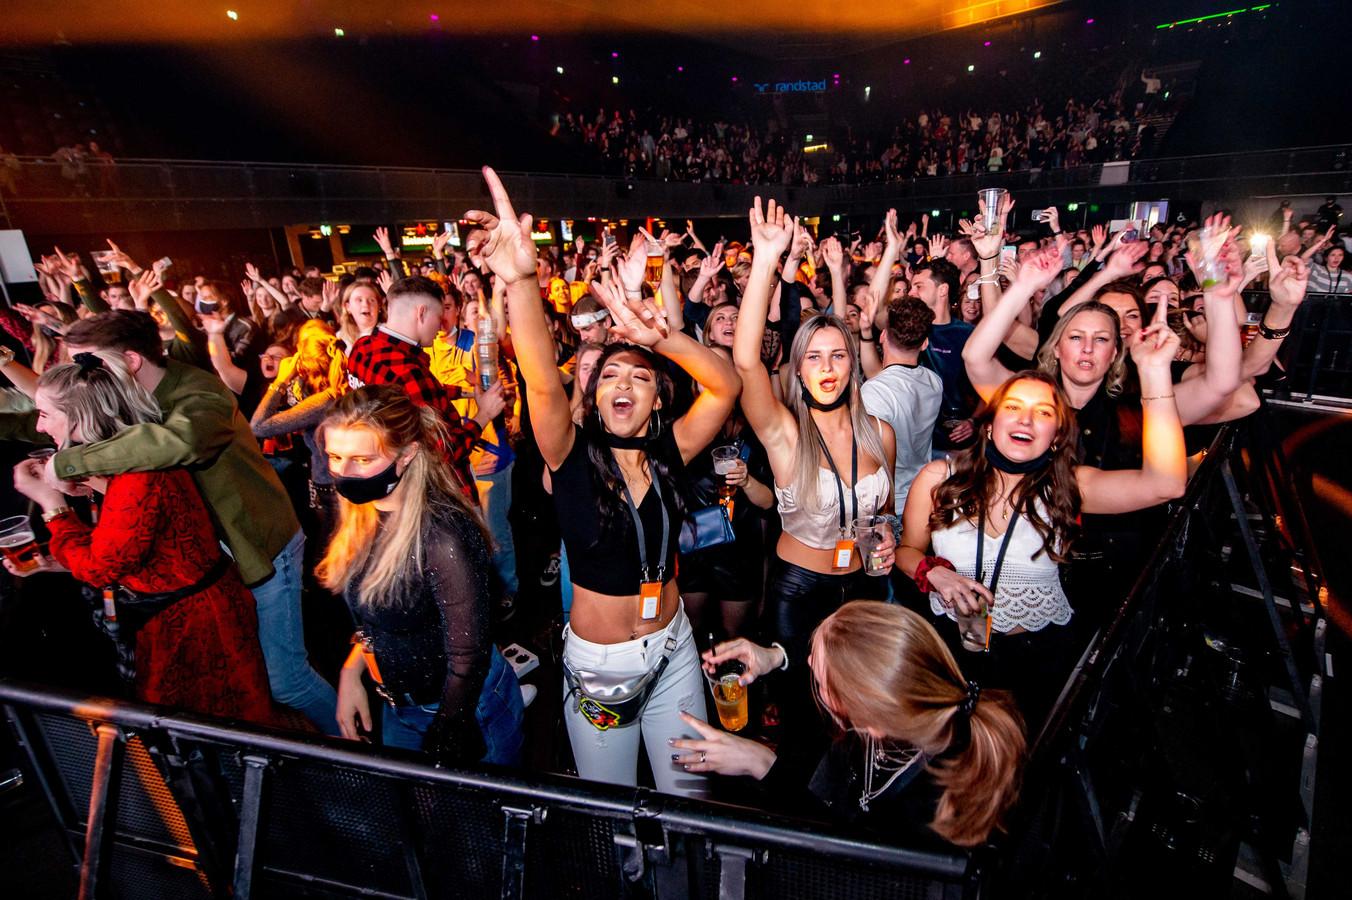 Dansende bezoekers van een dance event in Ziggo Dome. Tijdens een reeks evenementen onderzoekt Fieldlab hoe grote groepen mensen bijeen kunnen komen in coronatijd.